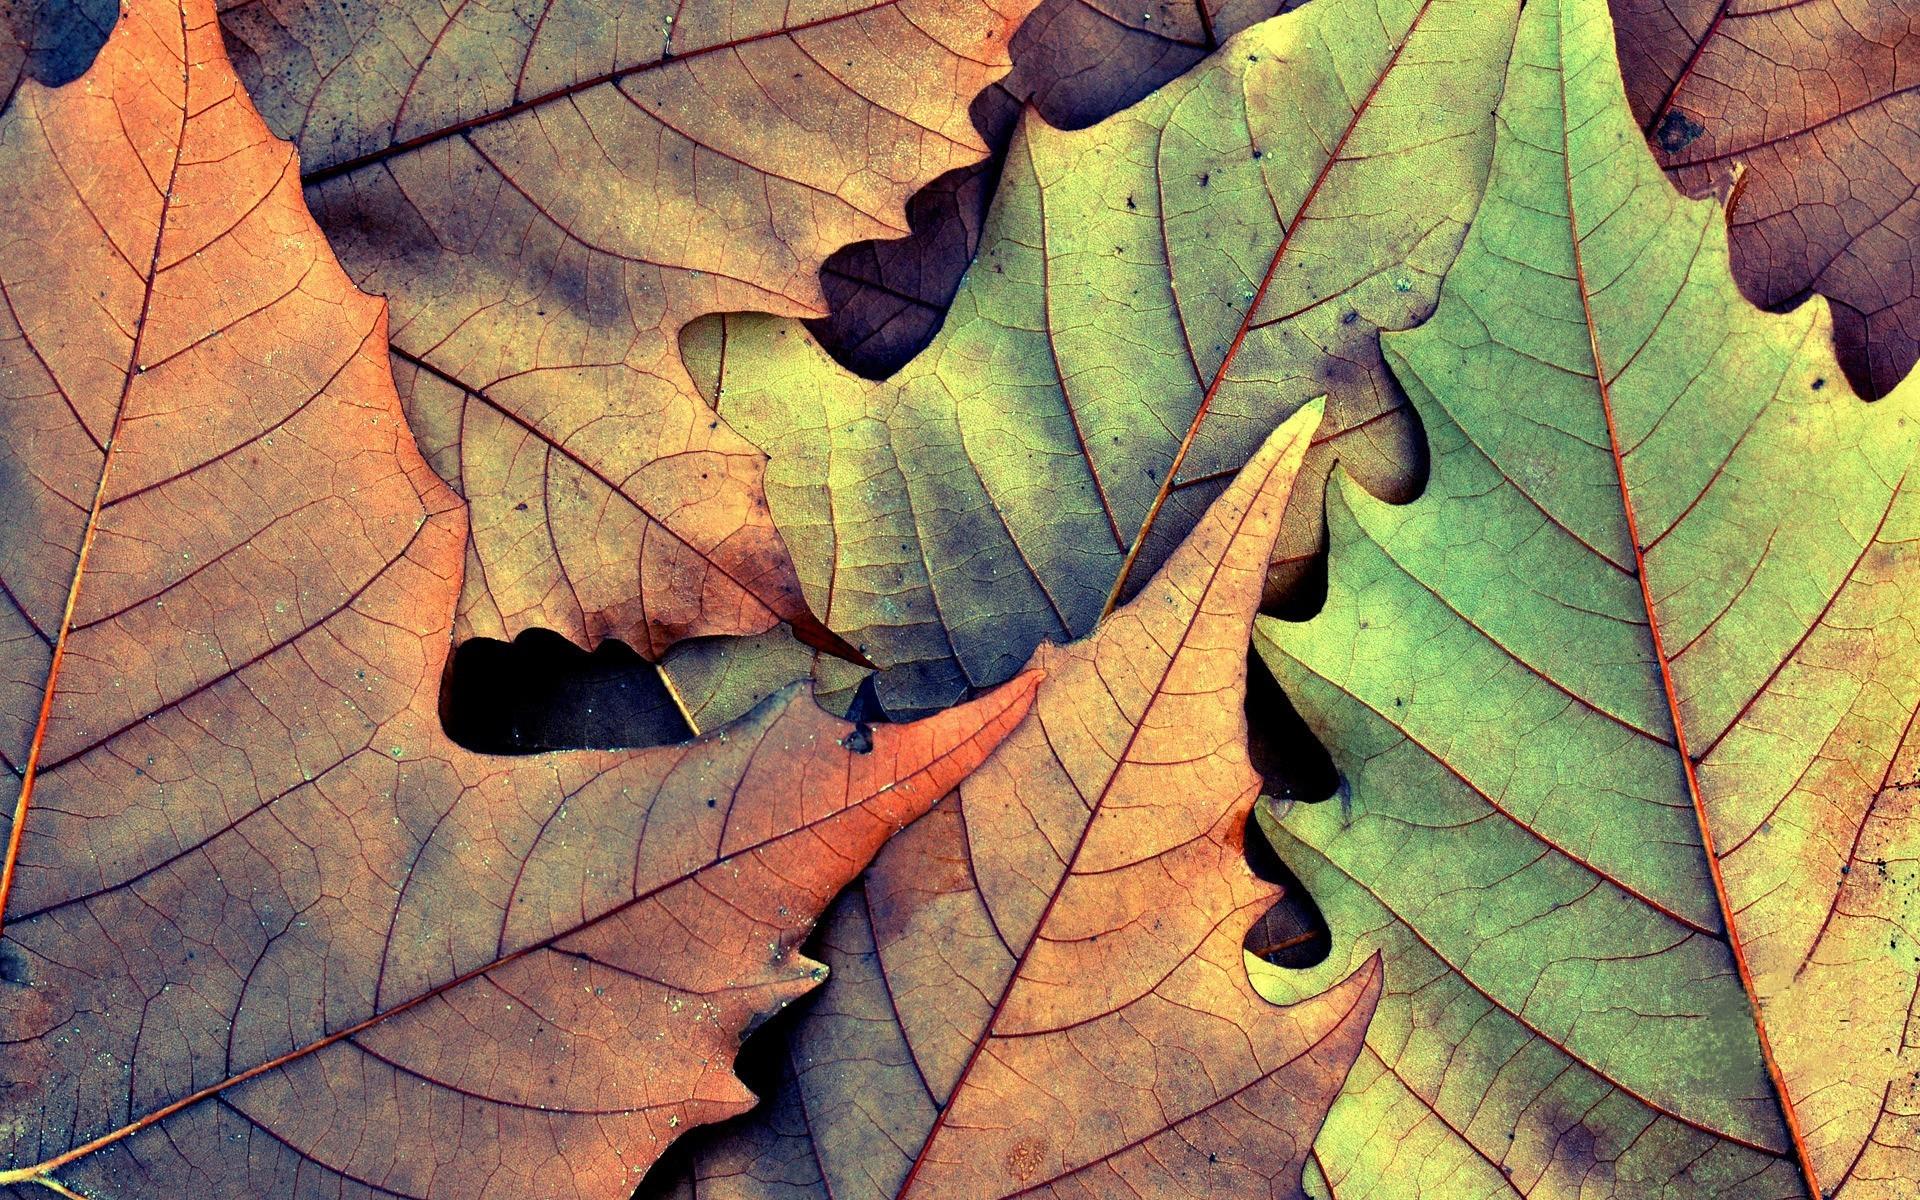 Листья осень ткань бесплатно